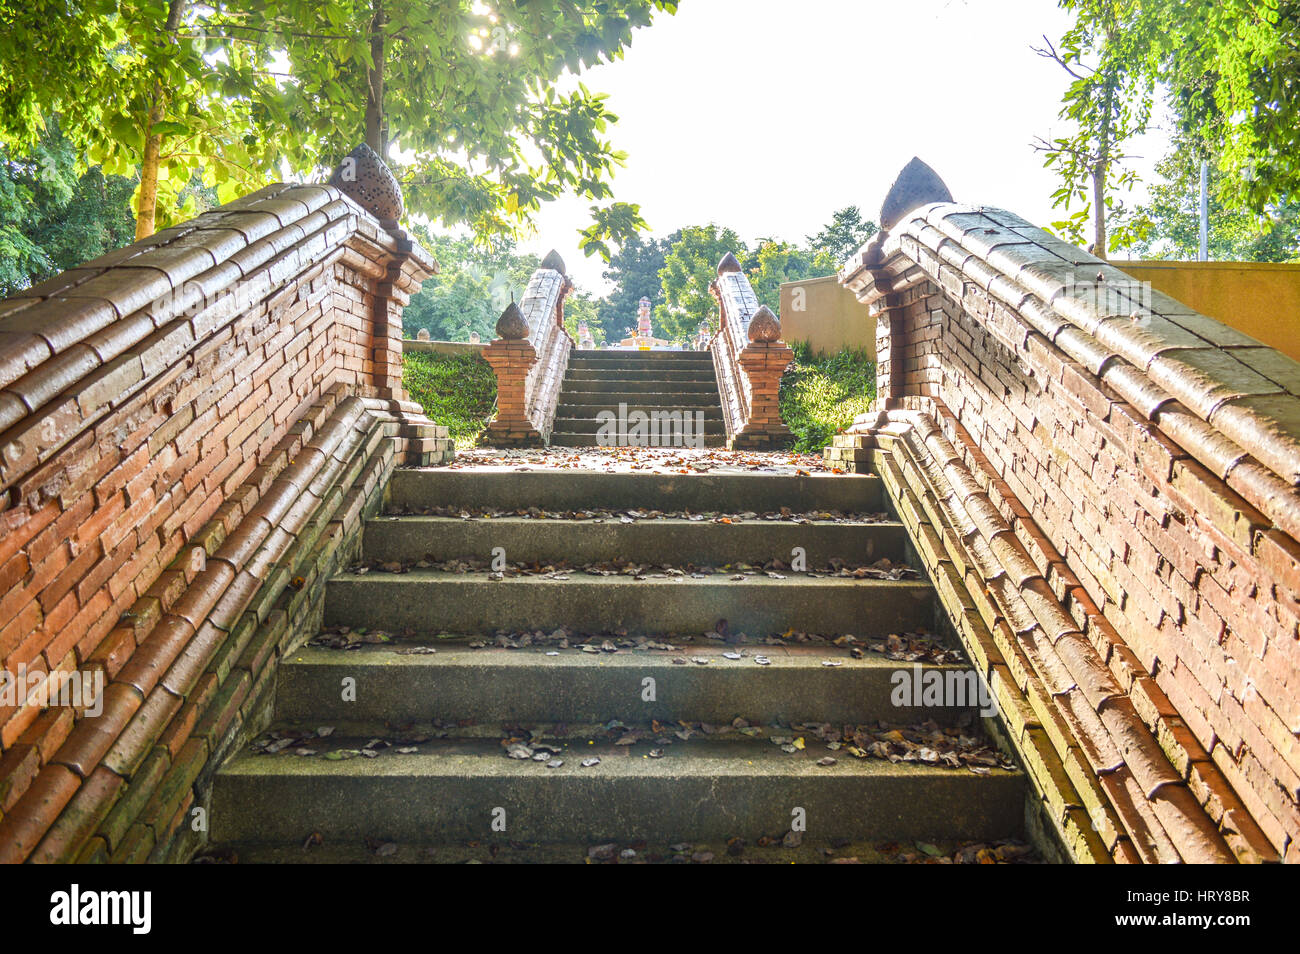 Chiang Rai, Tailandia - 1 Ottobre 2016: il Wat Phra That Doi Chom Thong. Scala di Omphalos della città Foto Stock